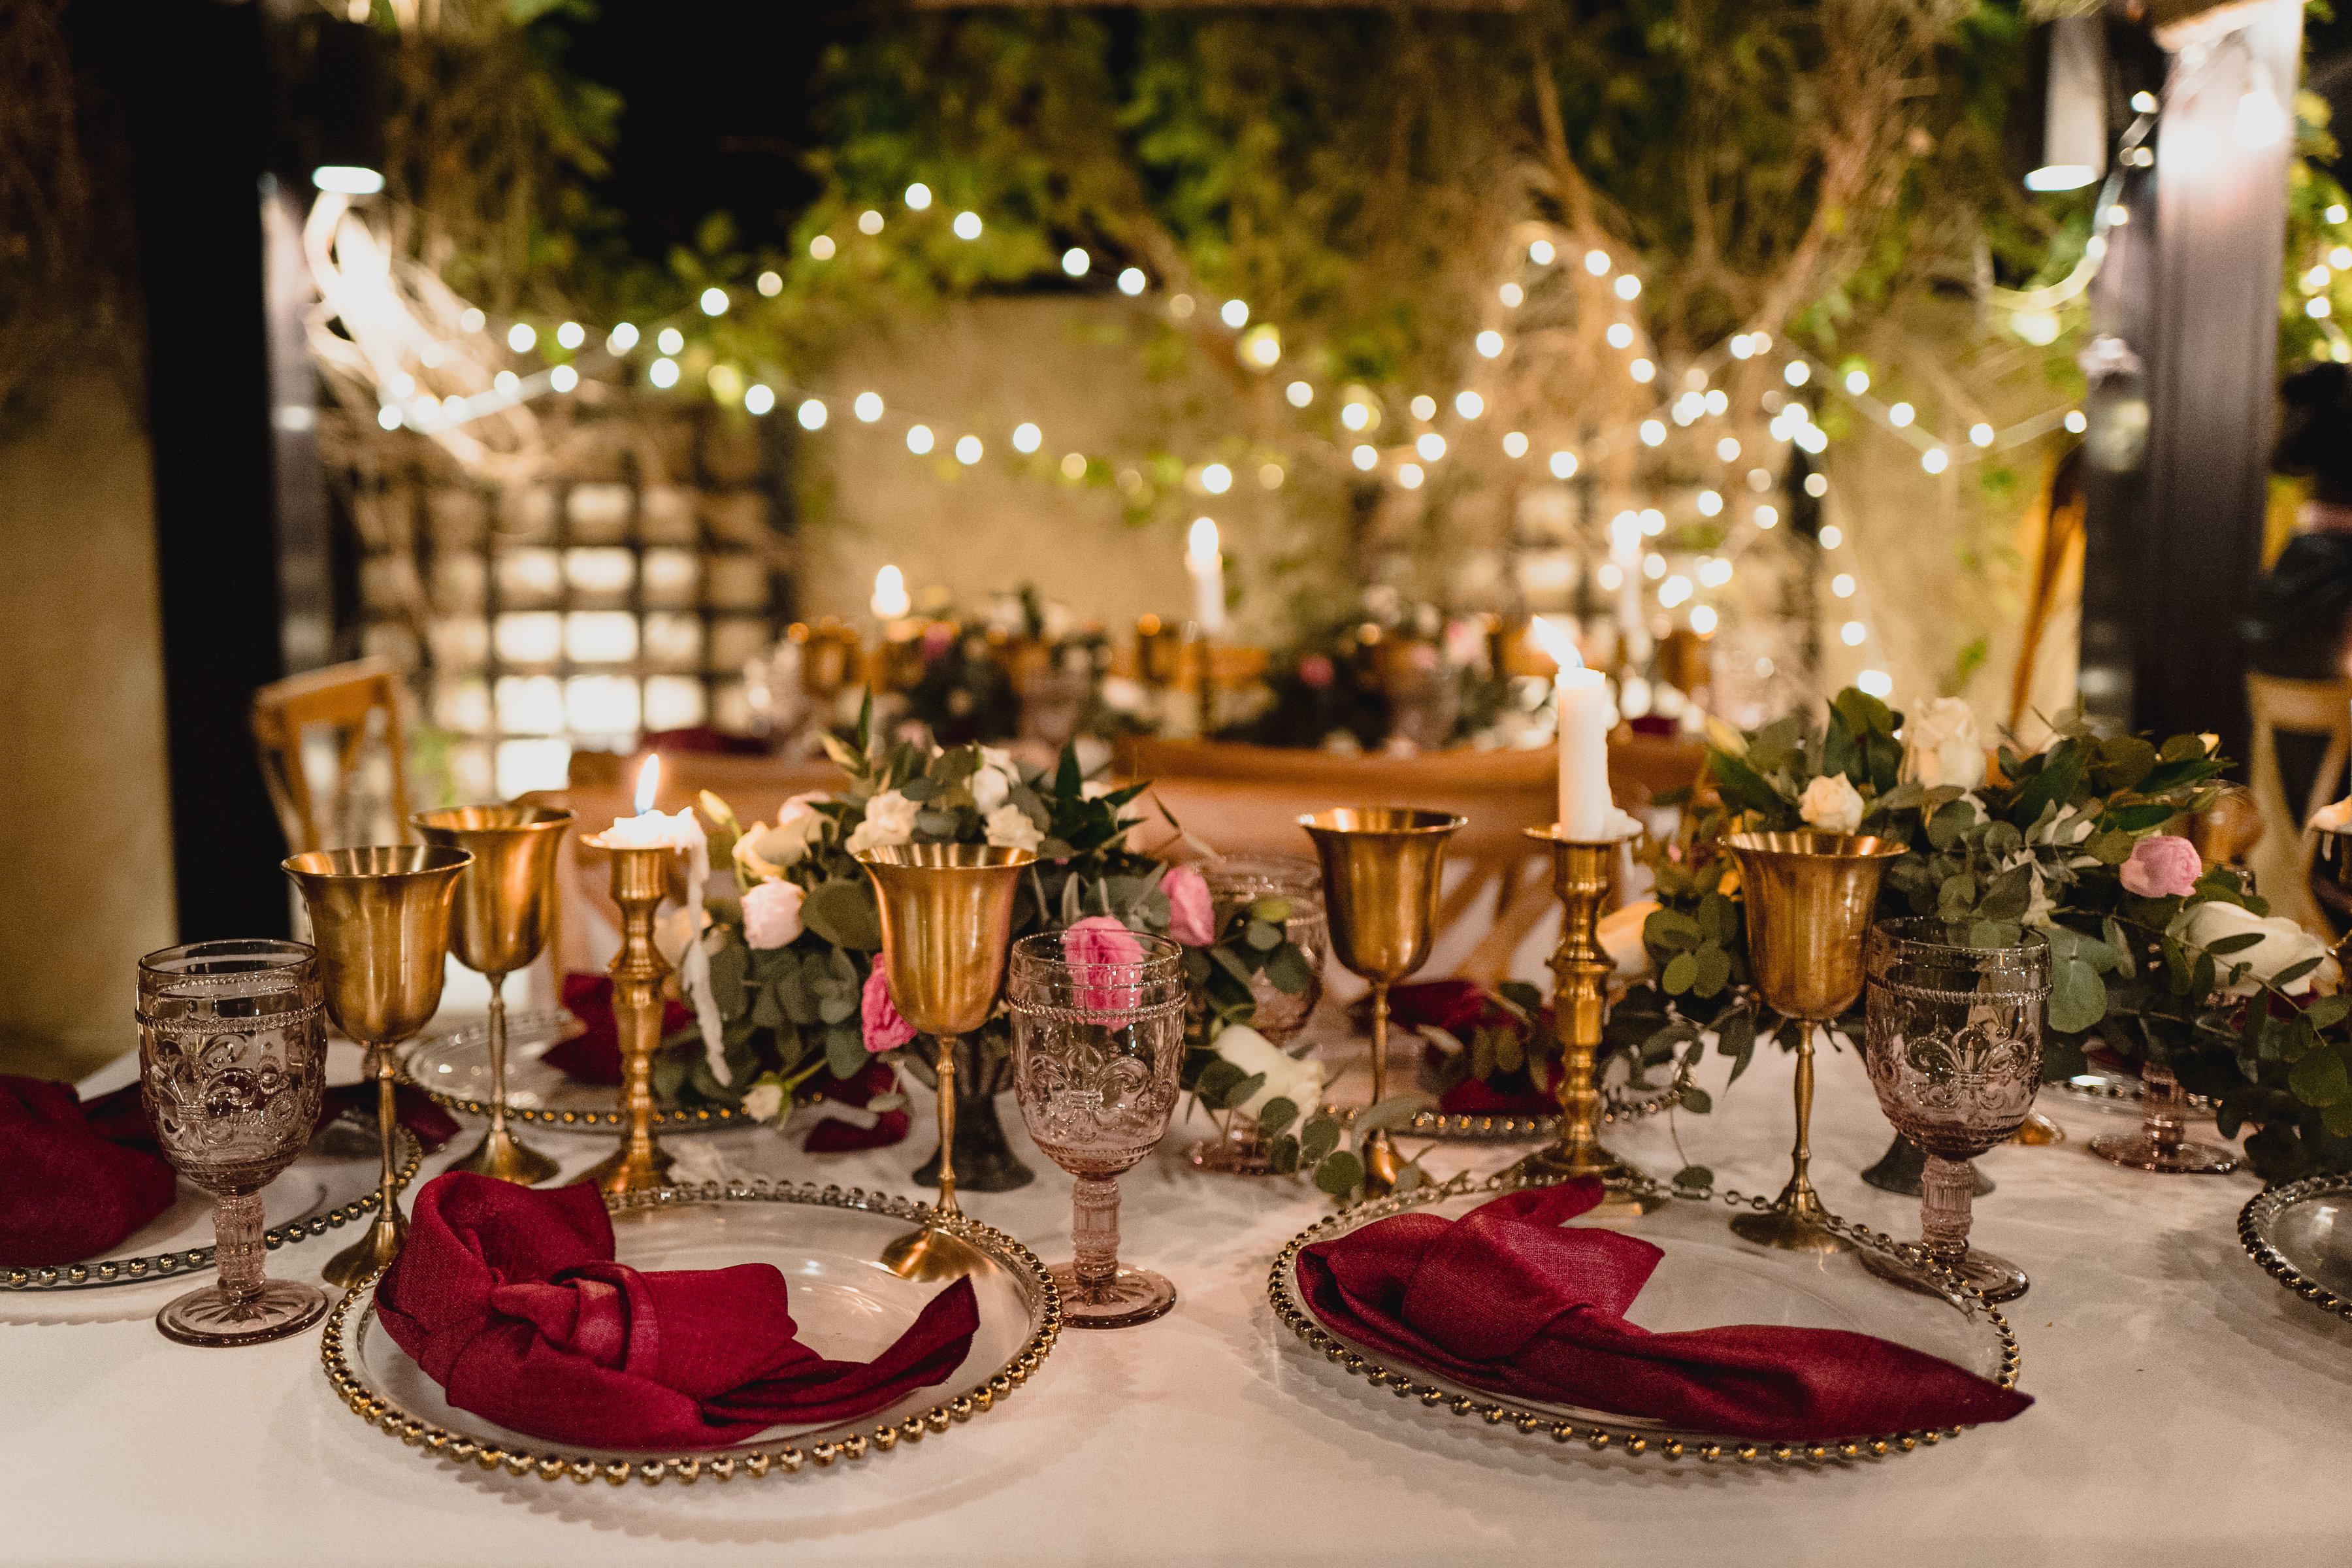 Private engagement party - Dubai bride